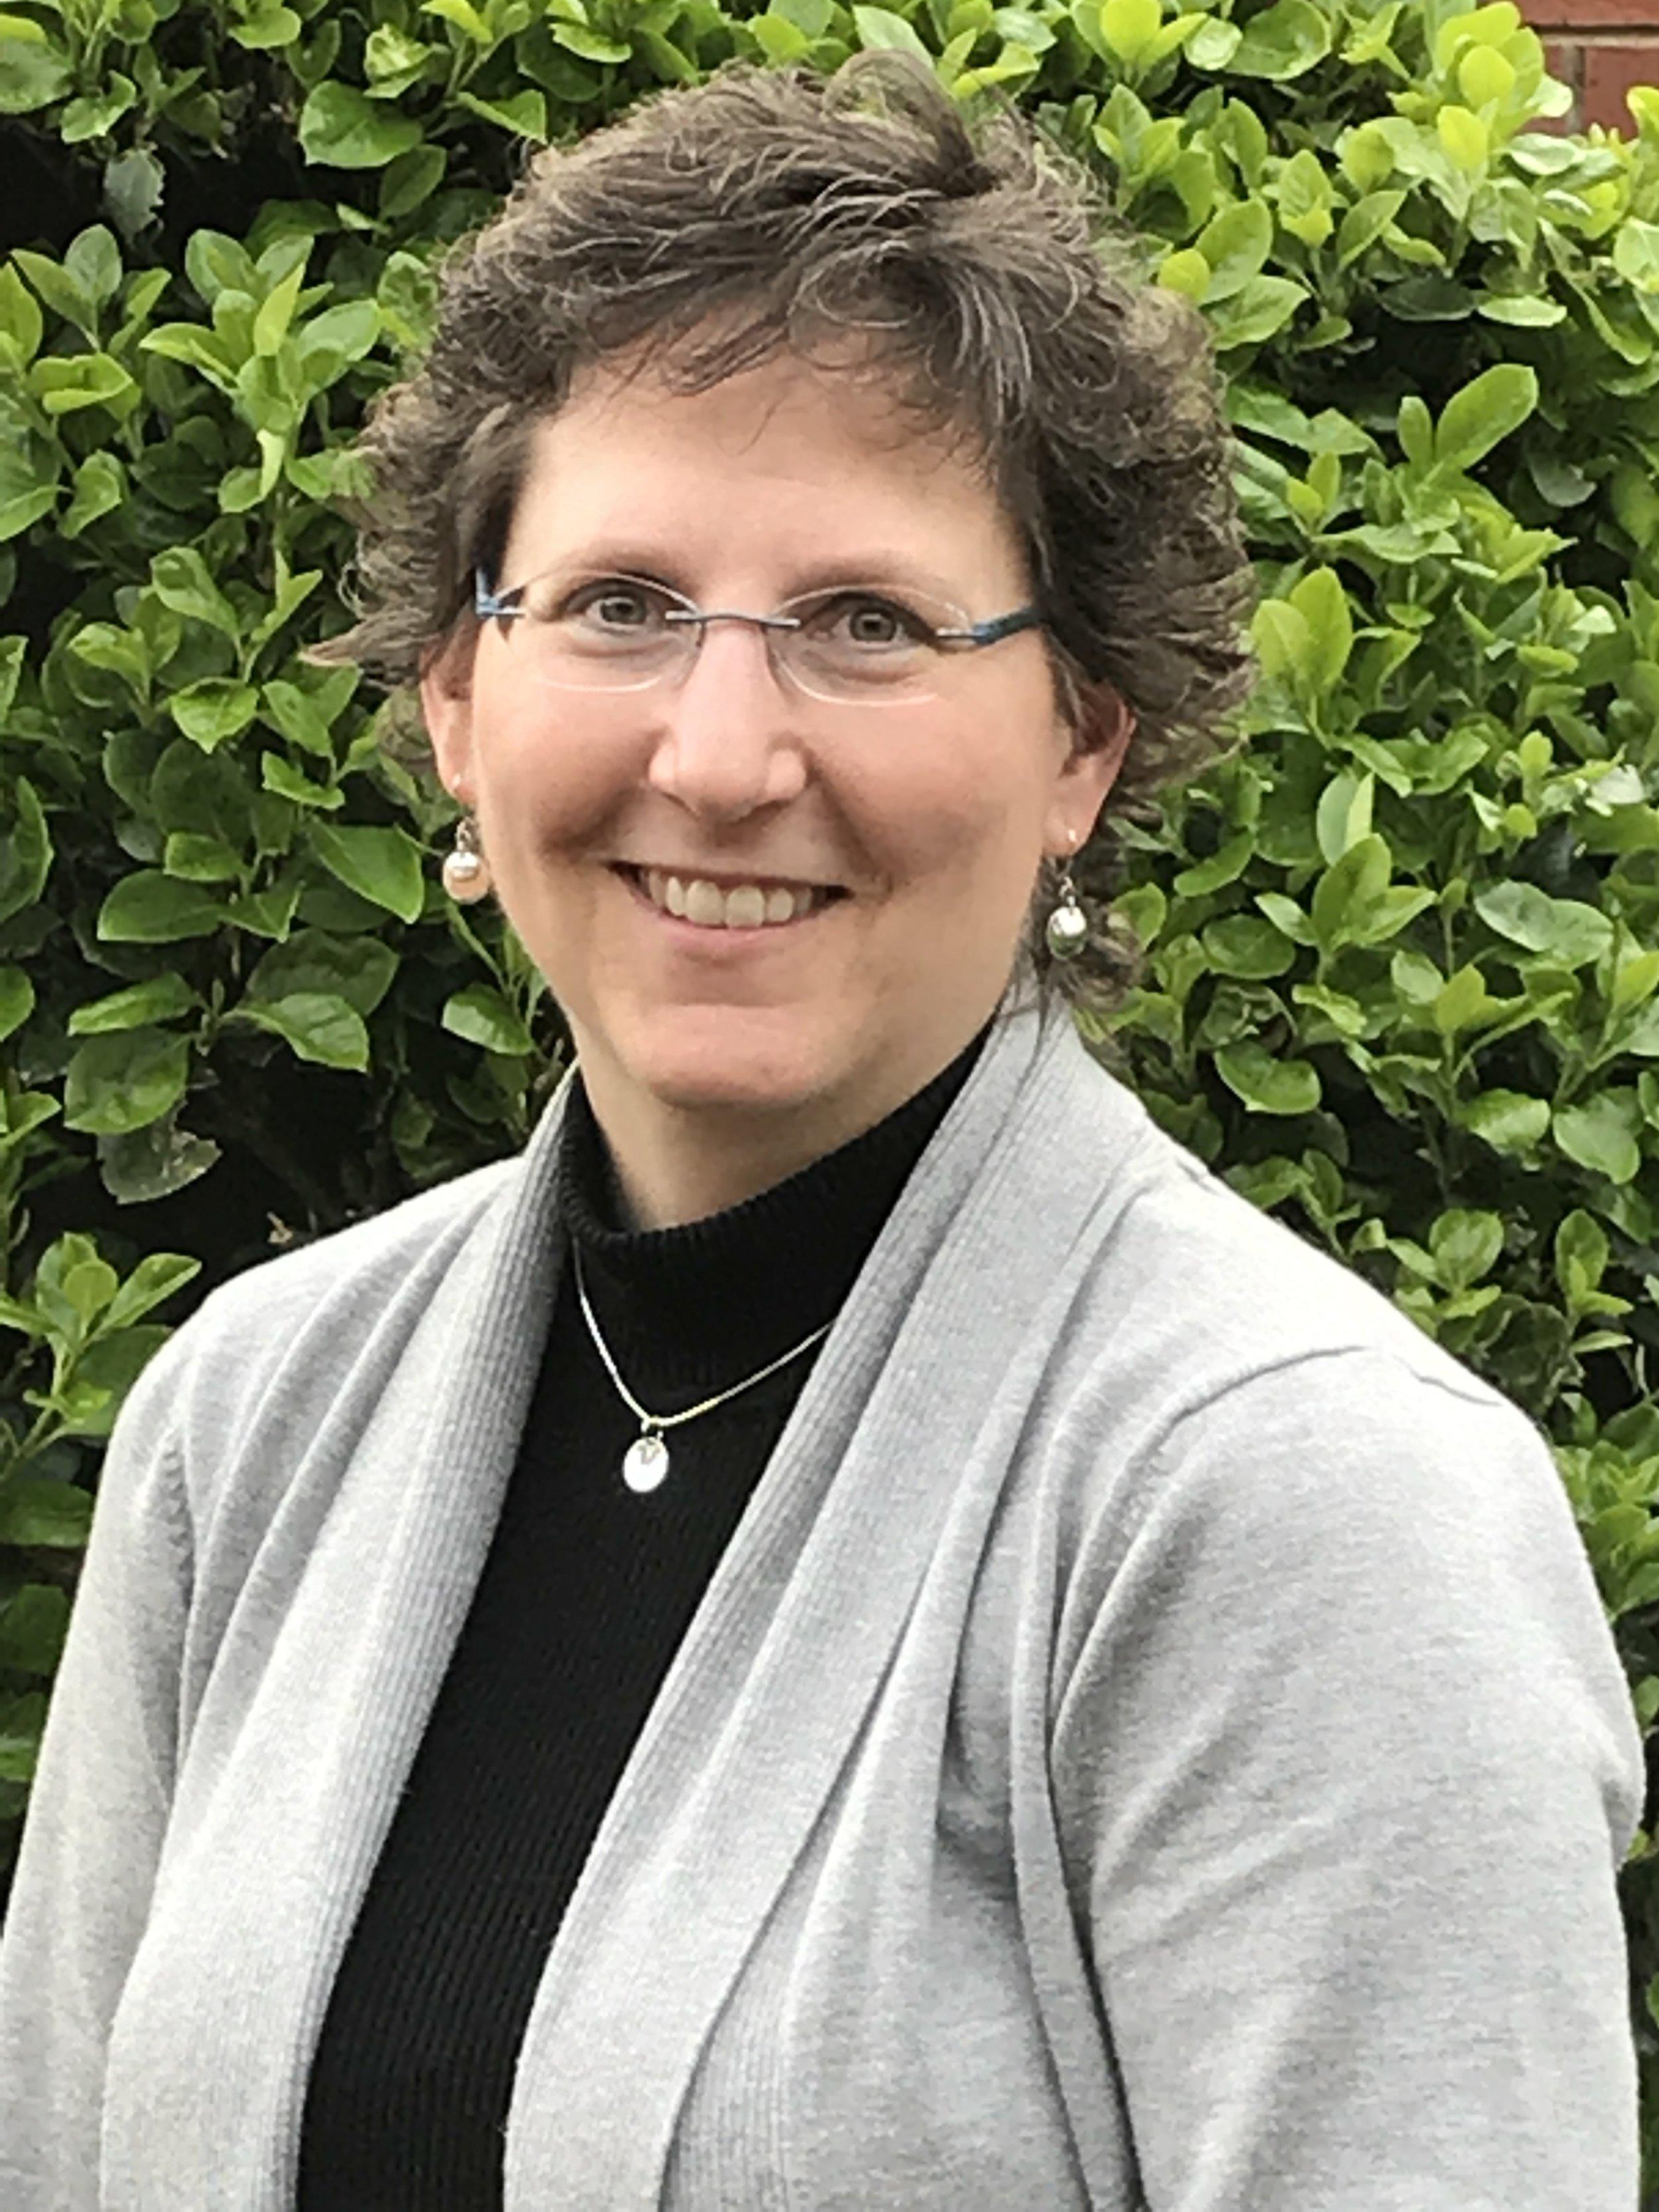 Rena Rosenberg - MS, NCC, NCGC